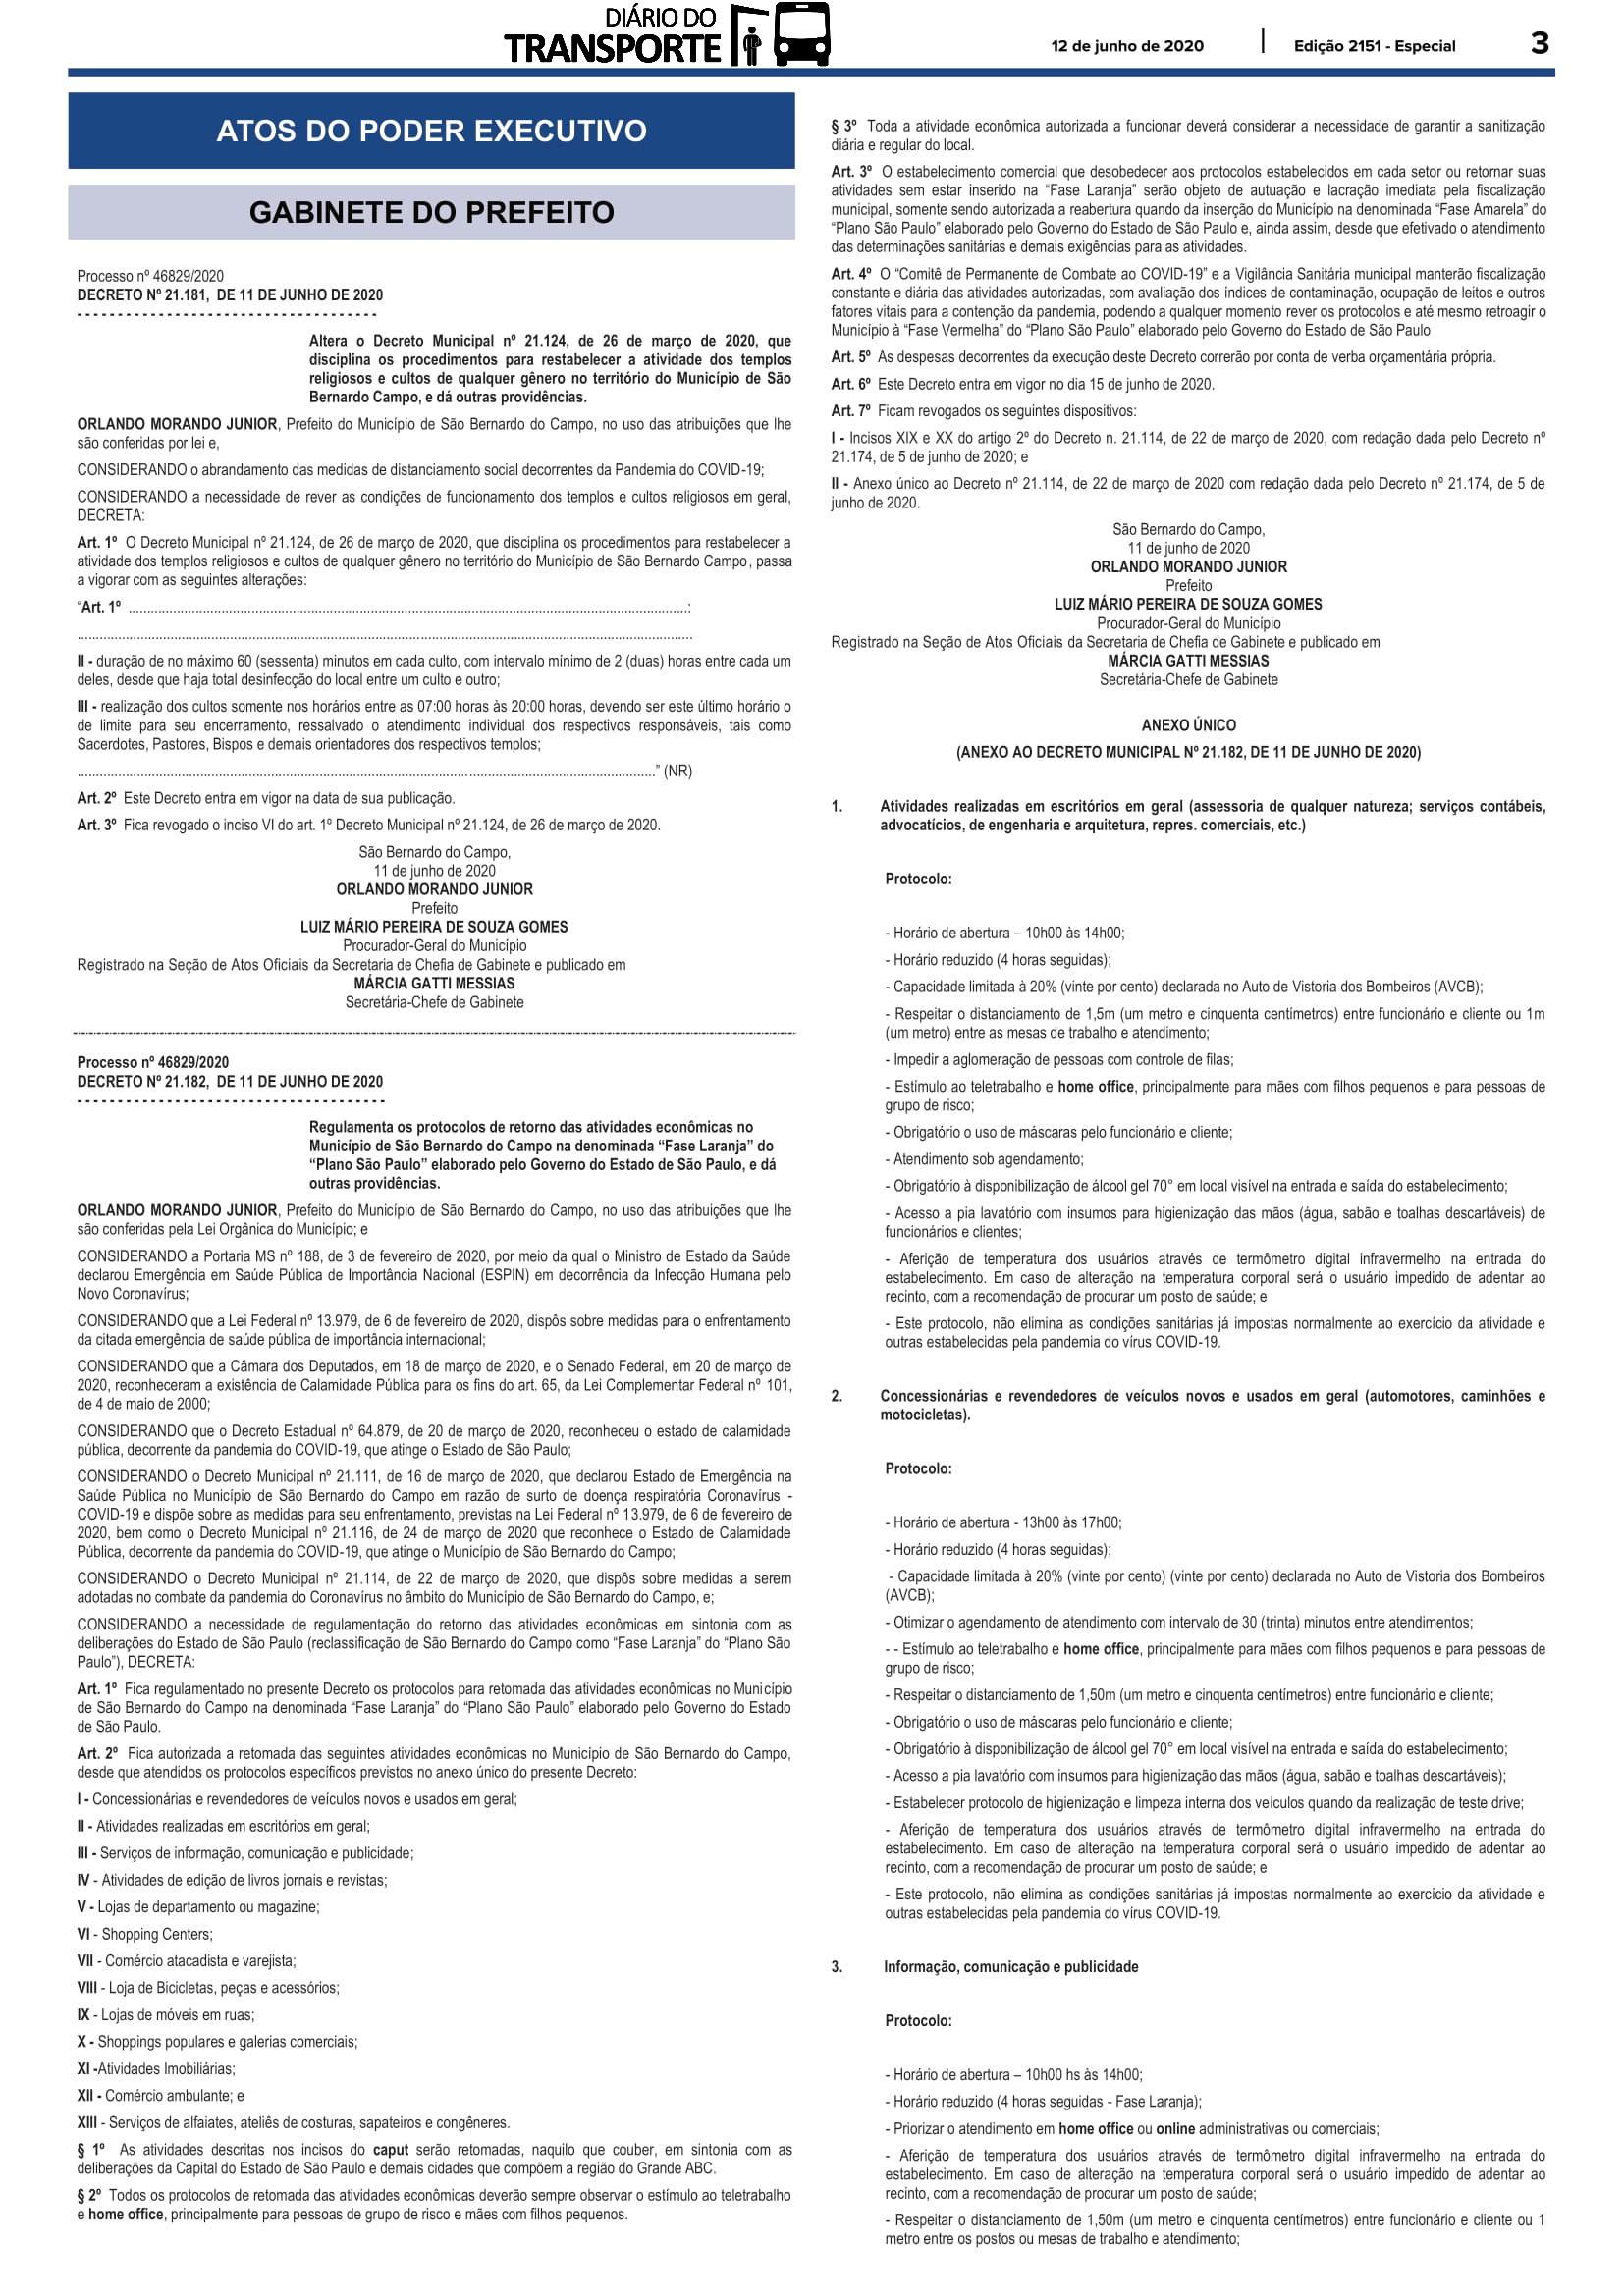 NM 2151 Especial de 12.06.2020 - Conteúdo Integral-3